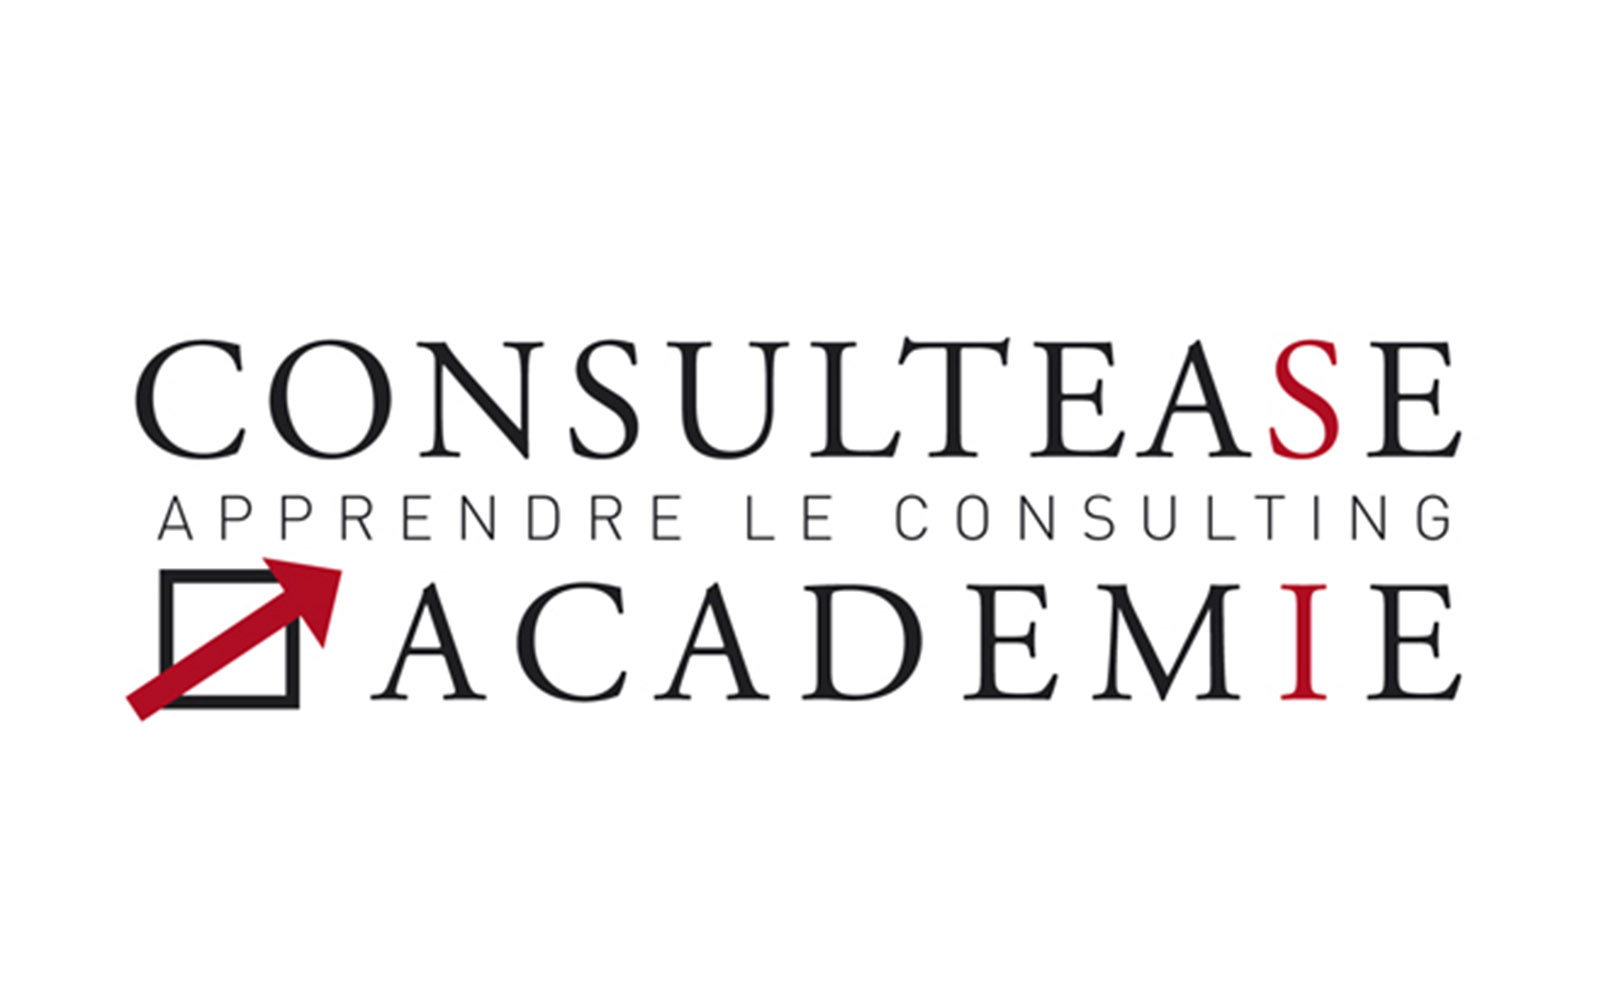 Consultease-logo